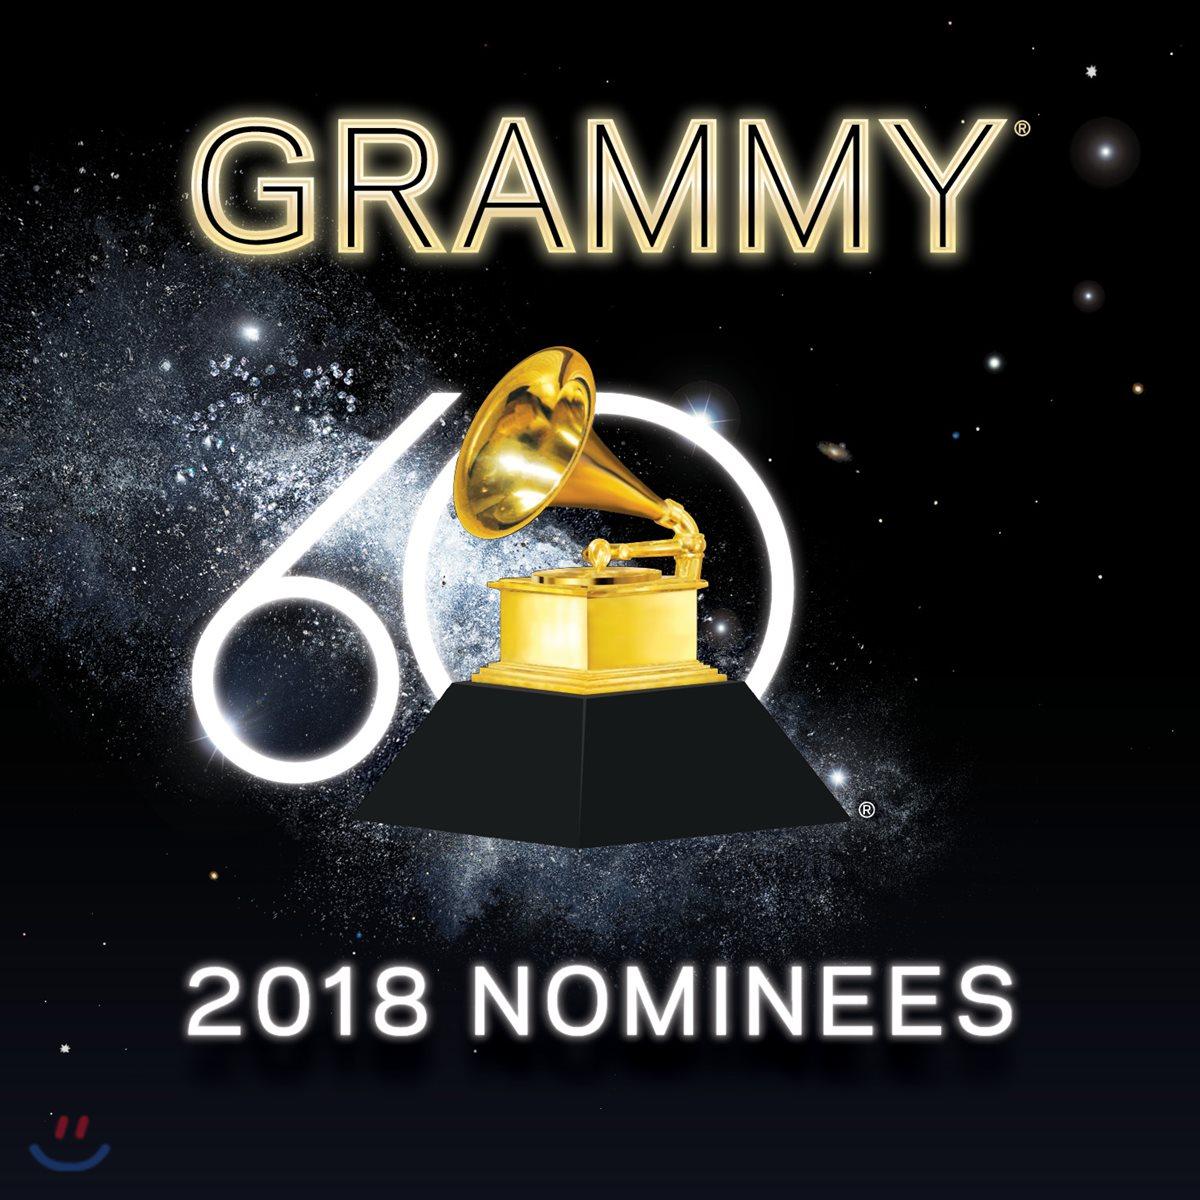 2018 그래미 노미니즈 (2018 Grammy Nominees)